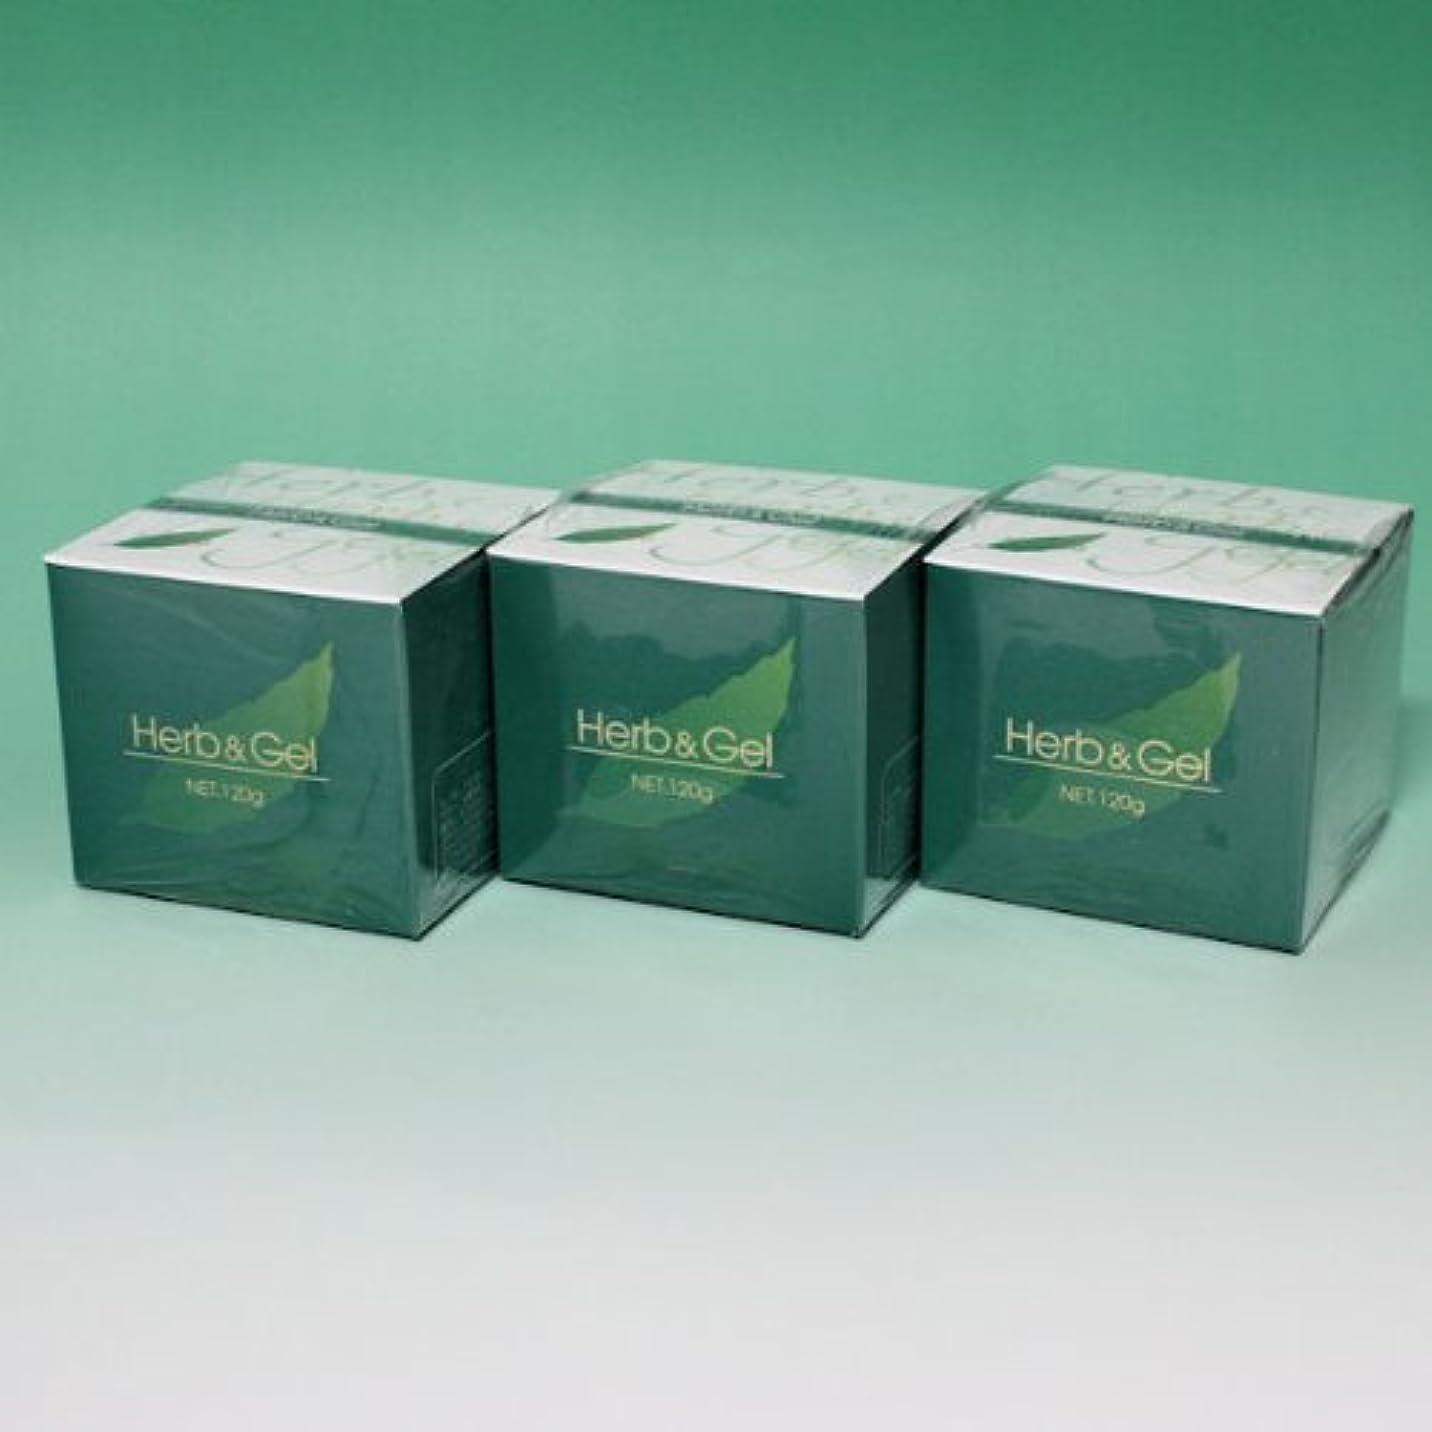 静的支払い後方ハーブアンドゲル 天然ハーブエキス配合 120g×3瓶セット (4580109490026)